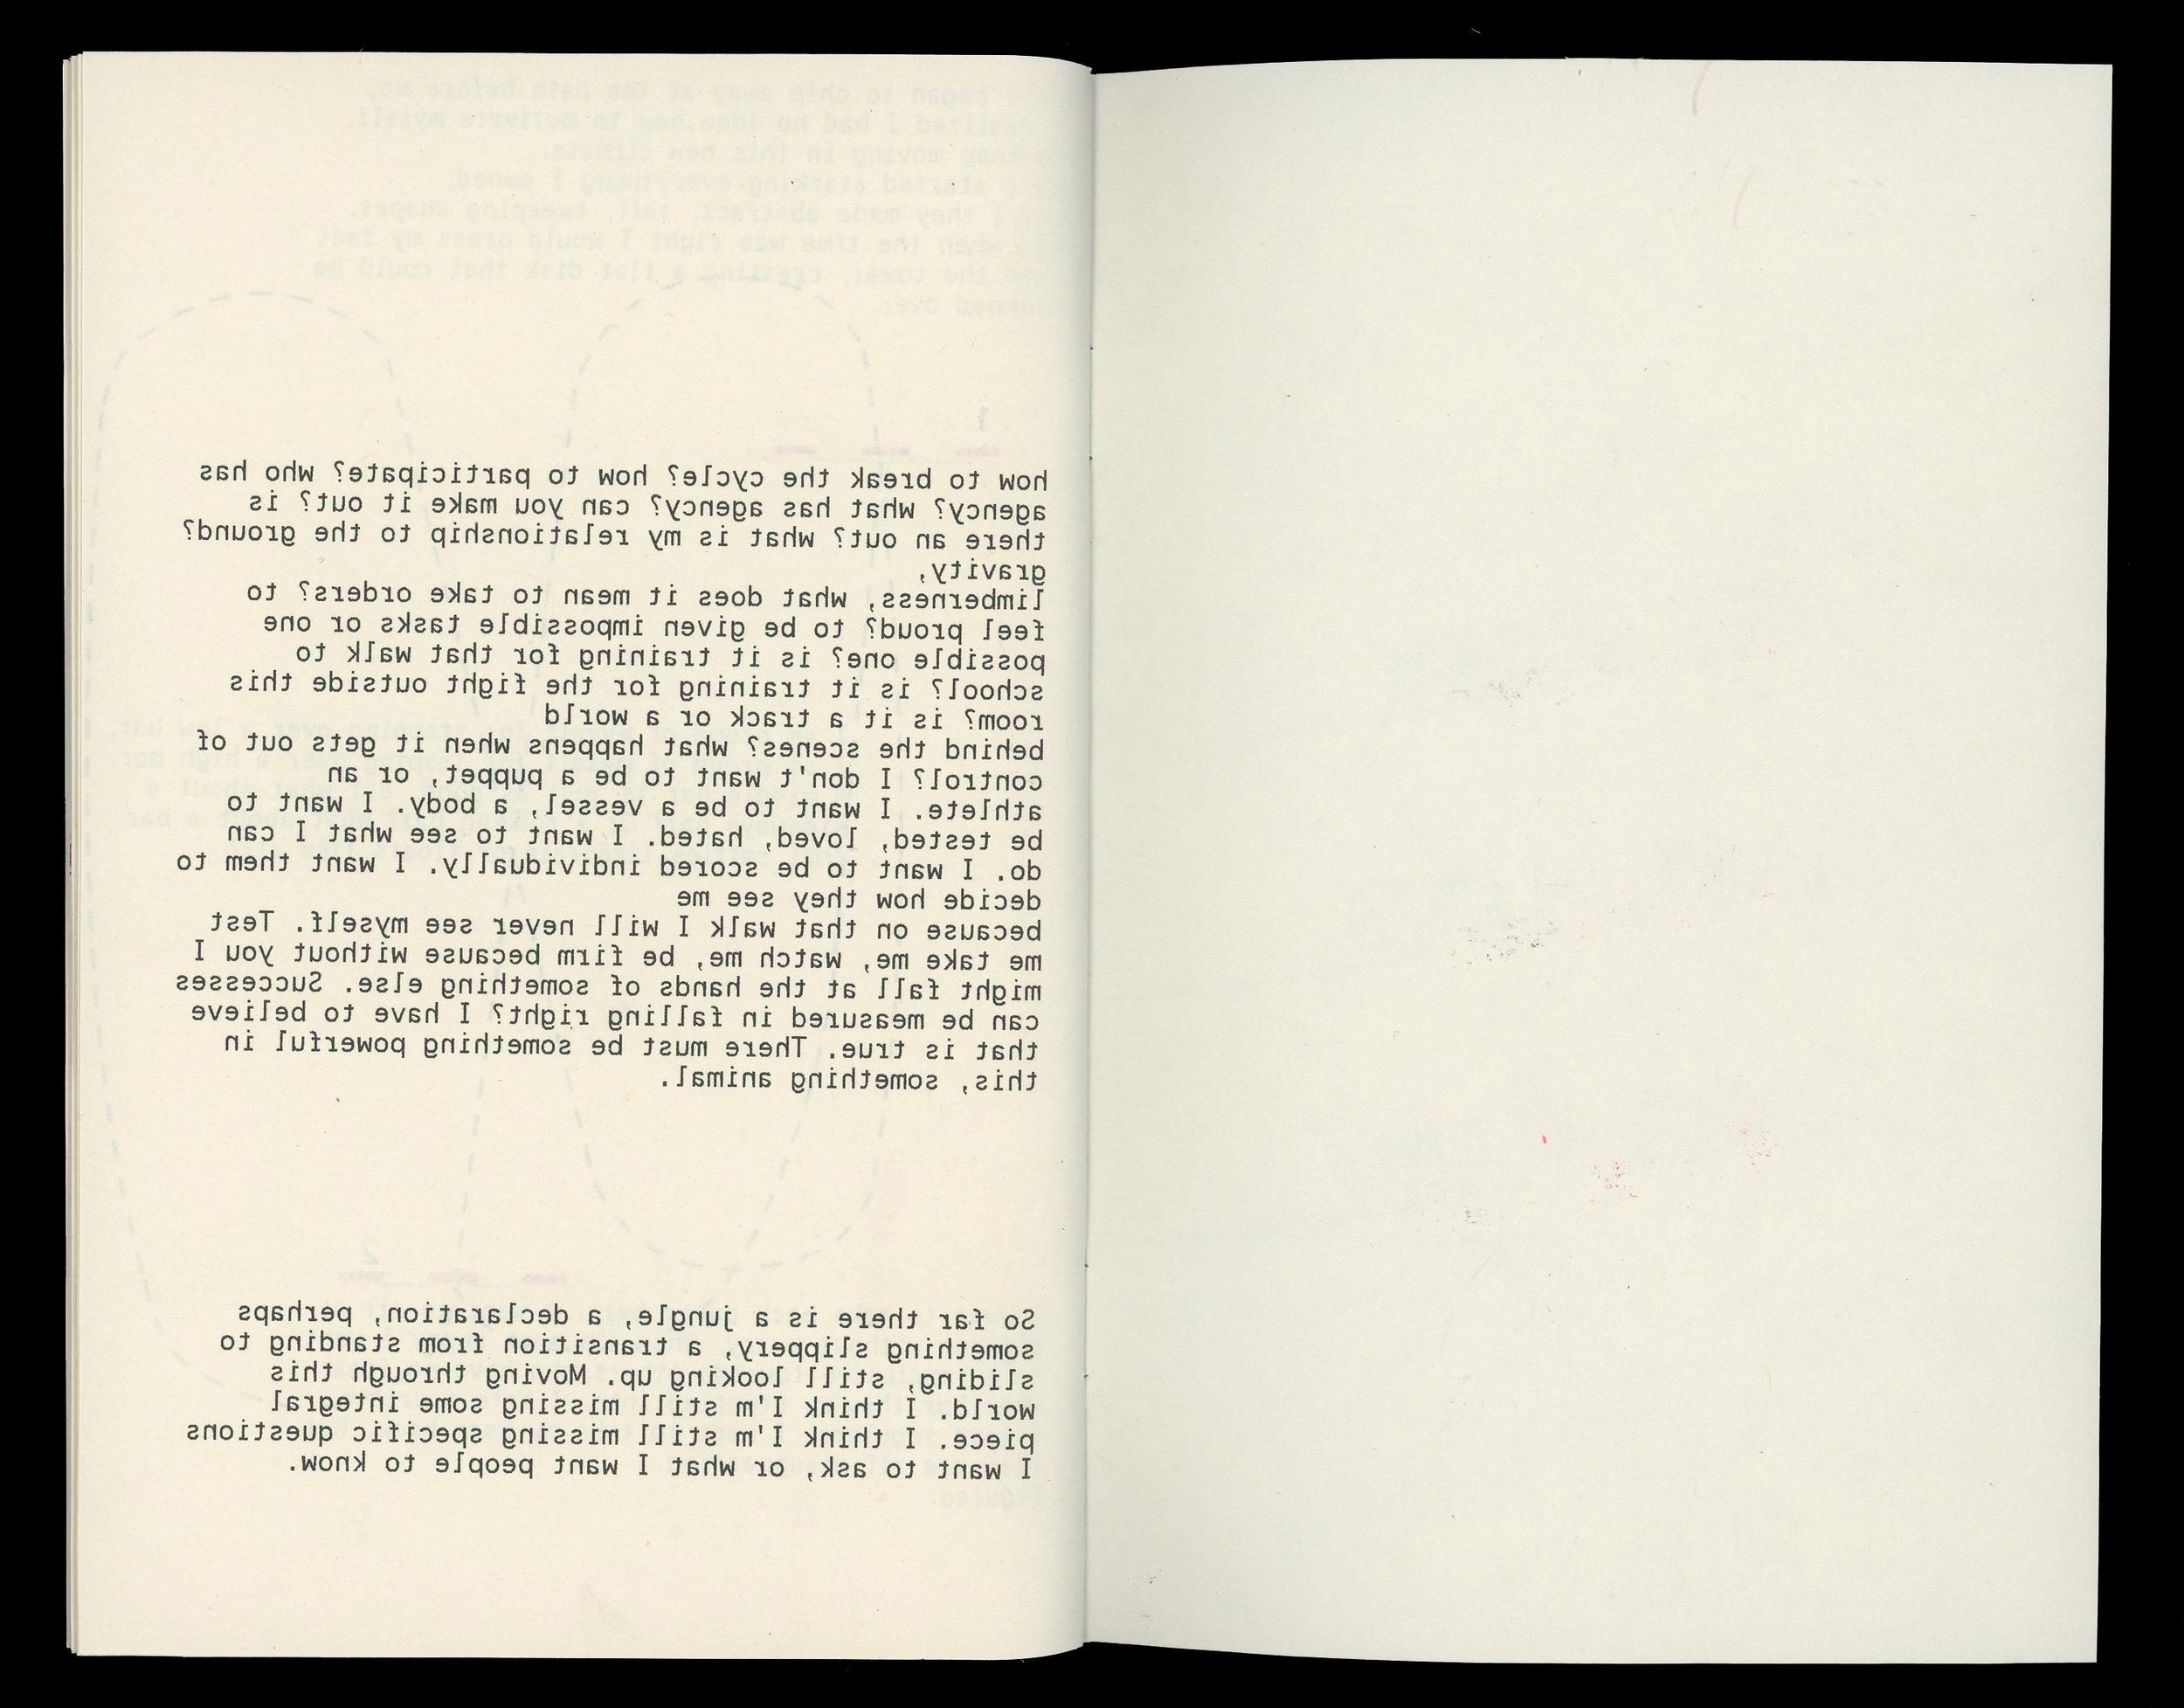 finalbook009 copy.jpg